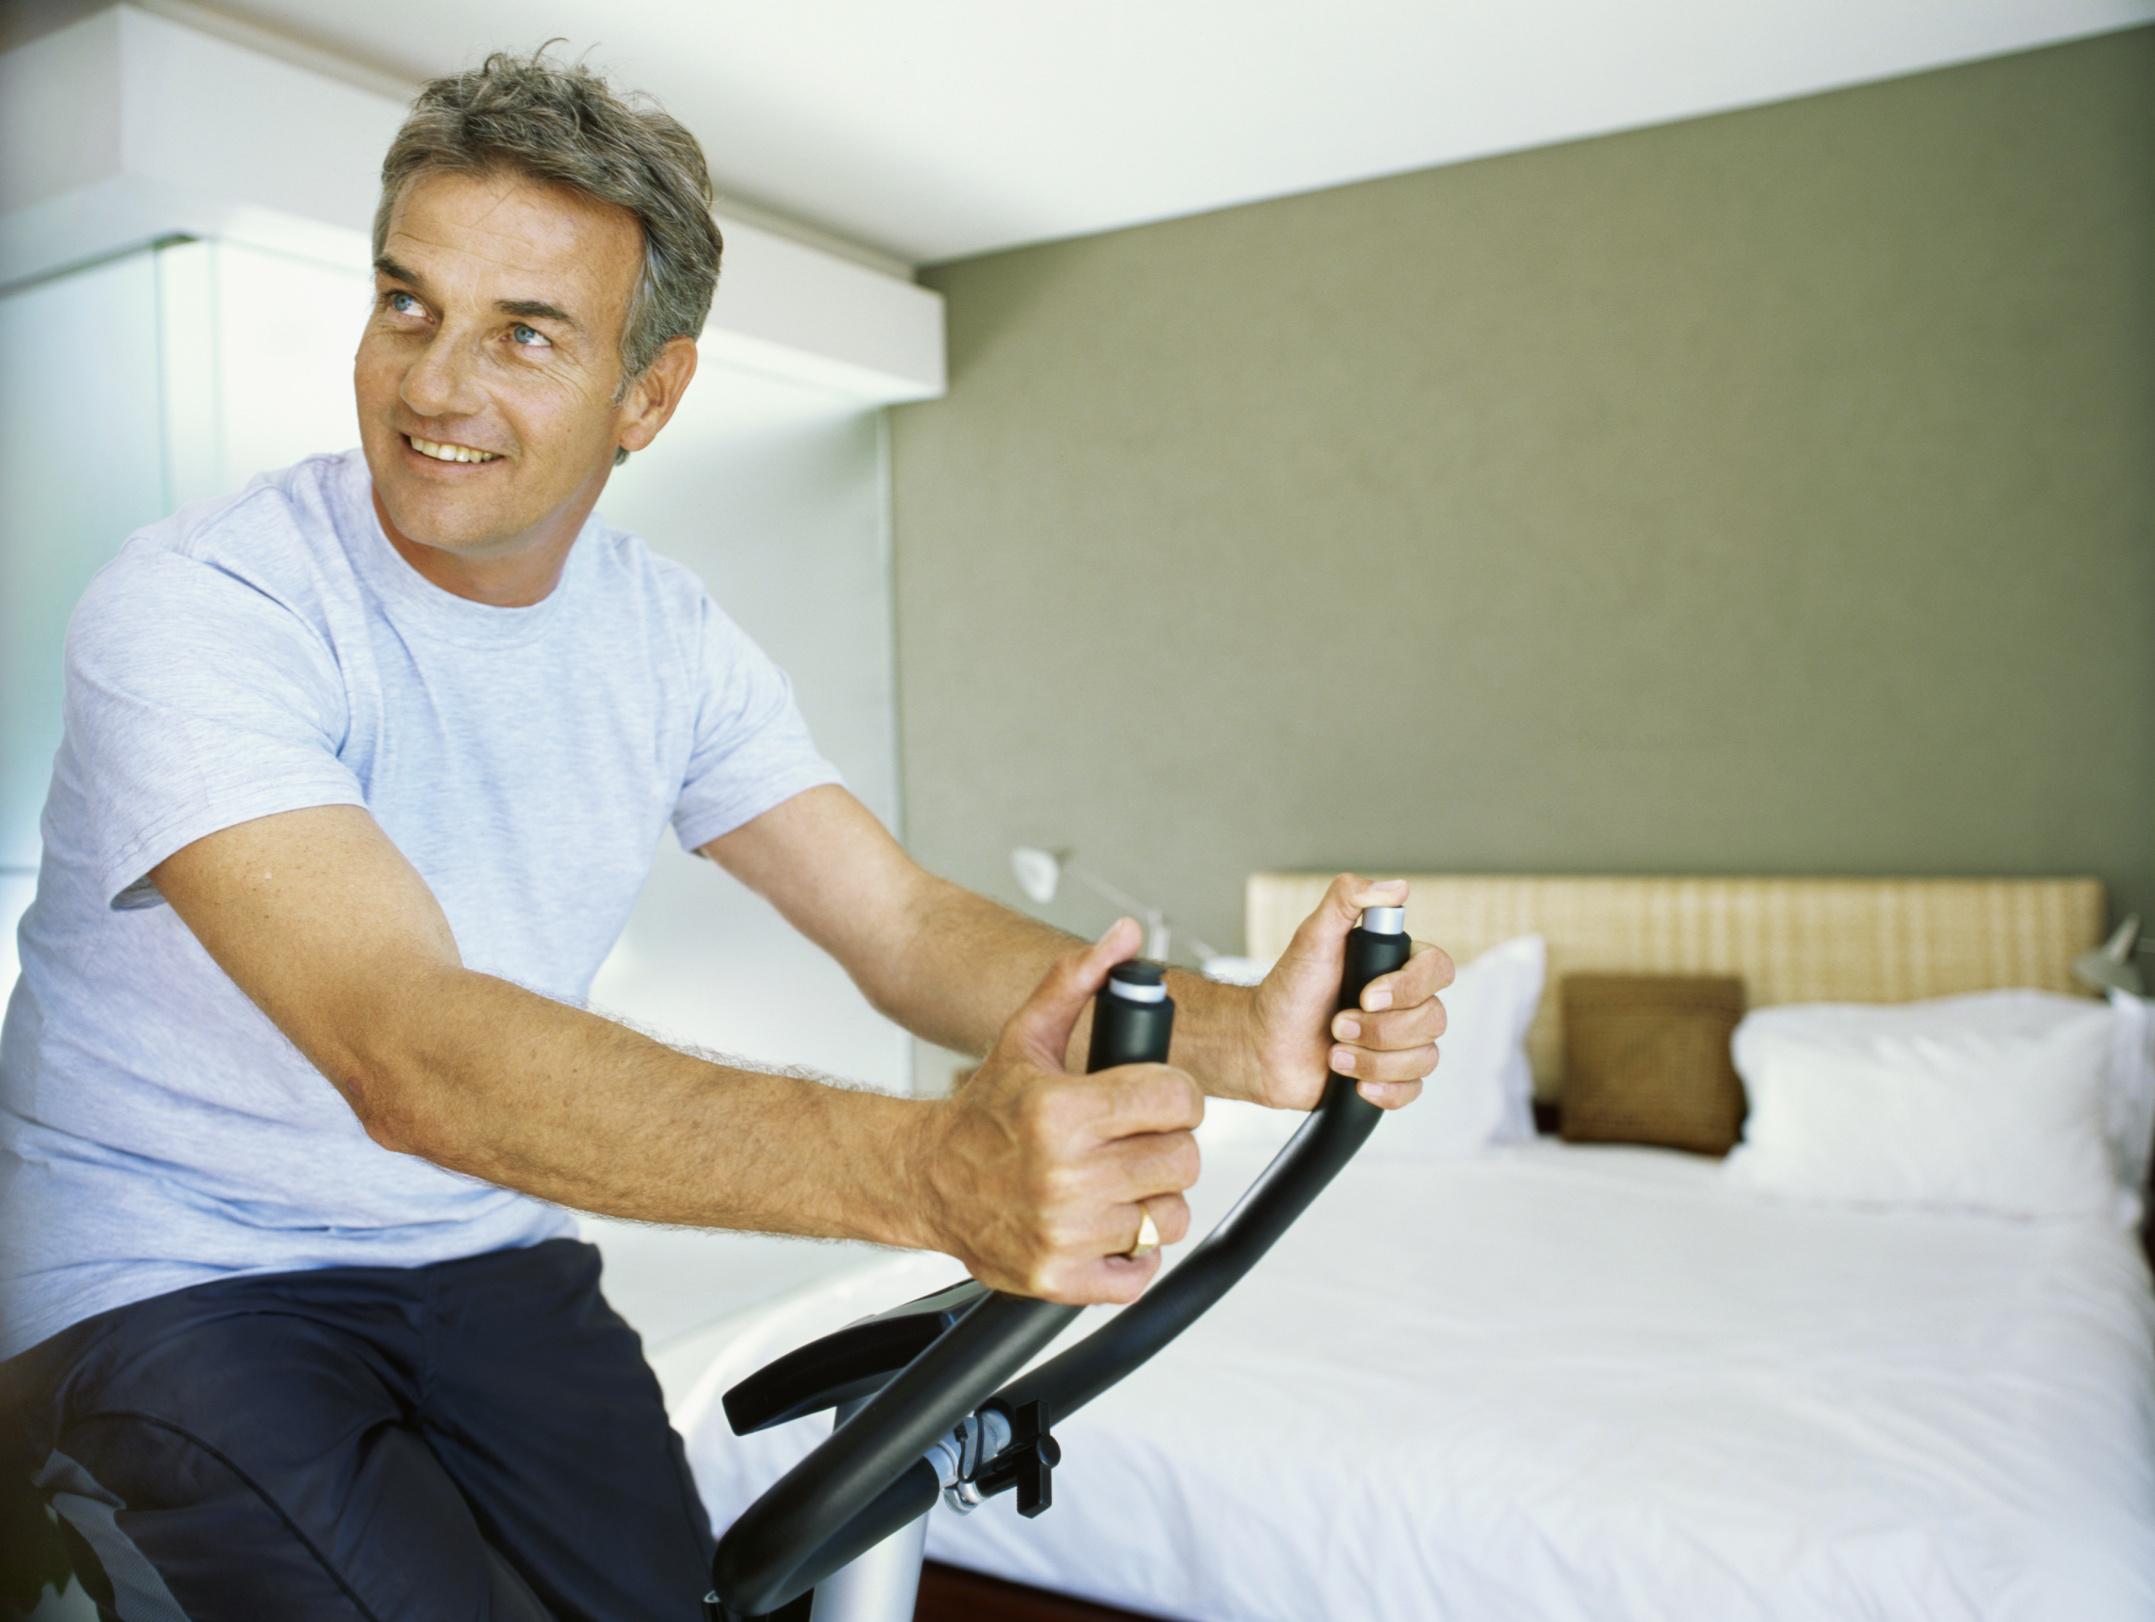 6 consejos de higiene para acudir al gimnasio salud180 for Gimnasio 6 y 45